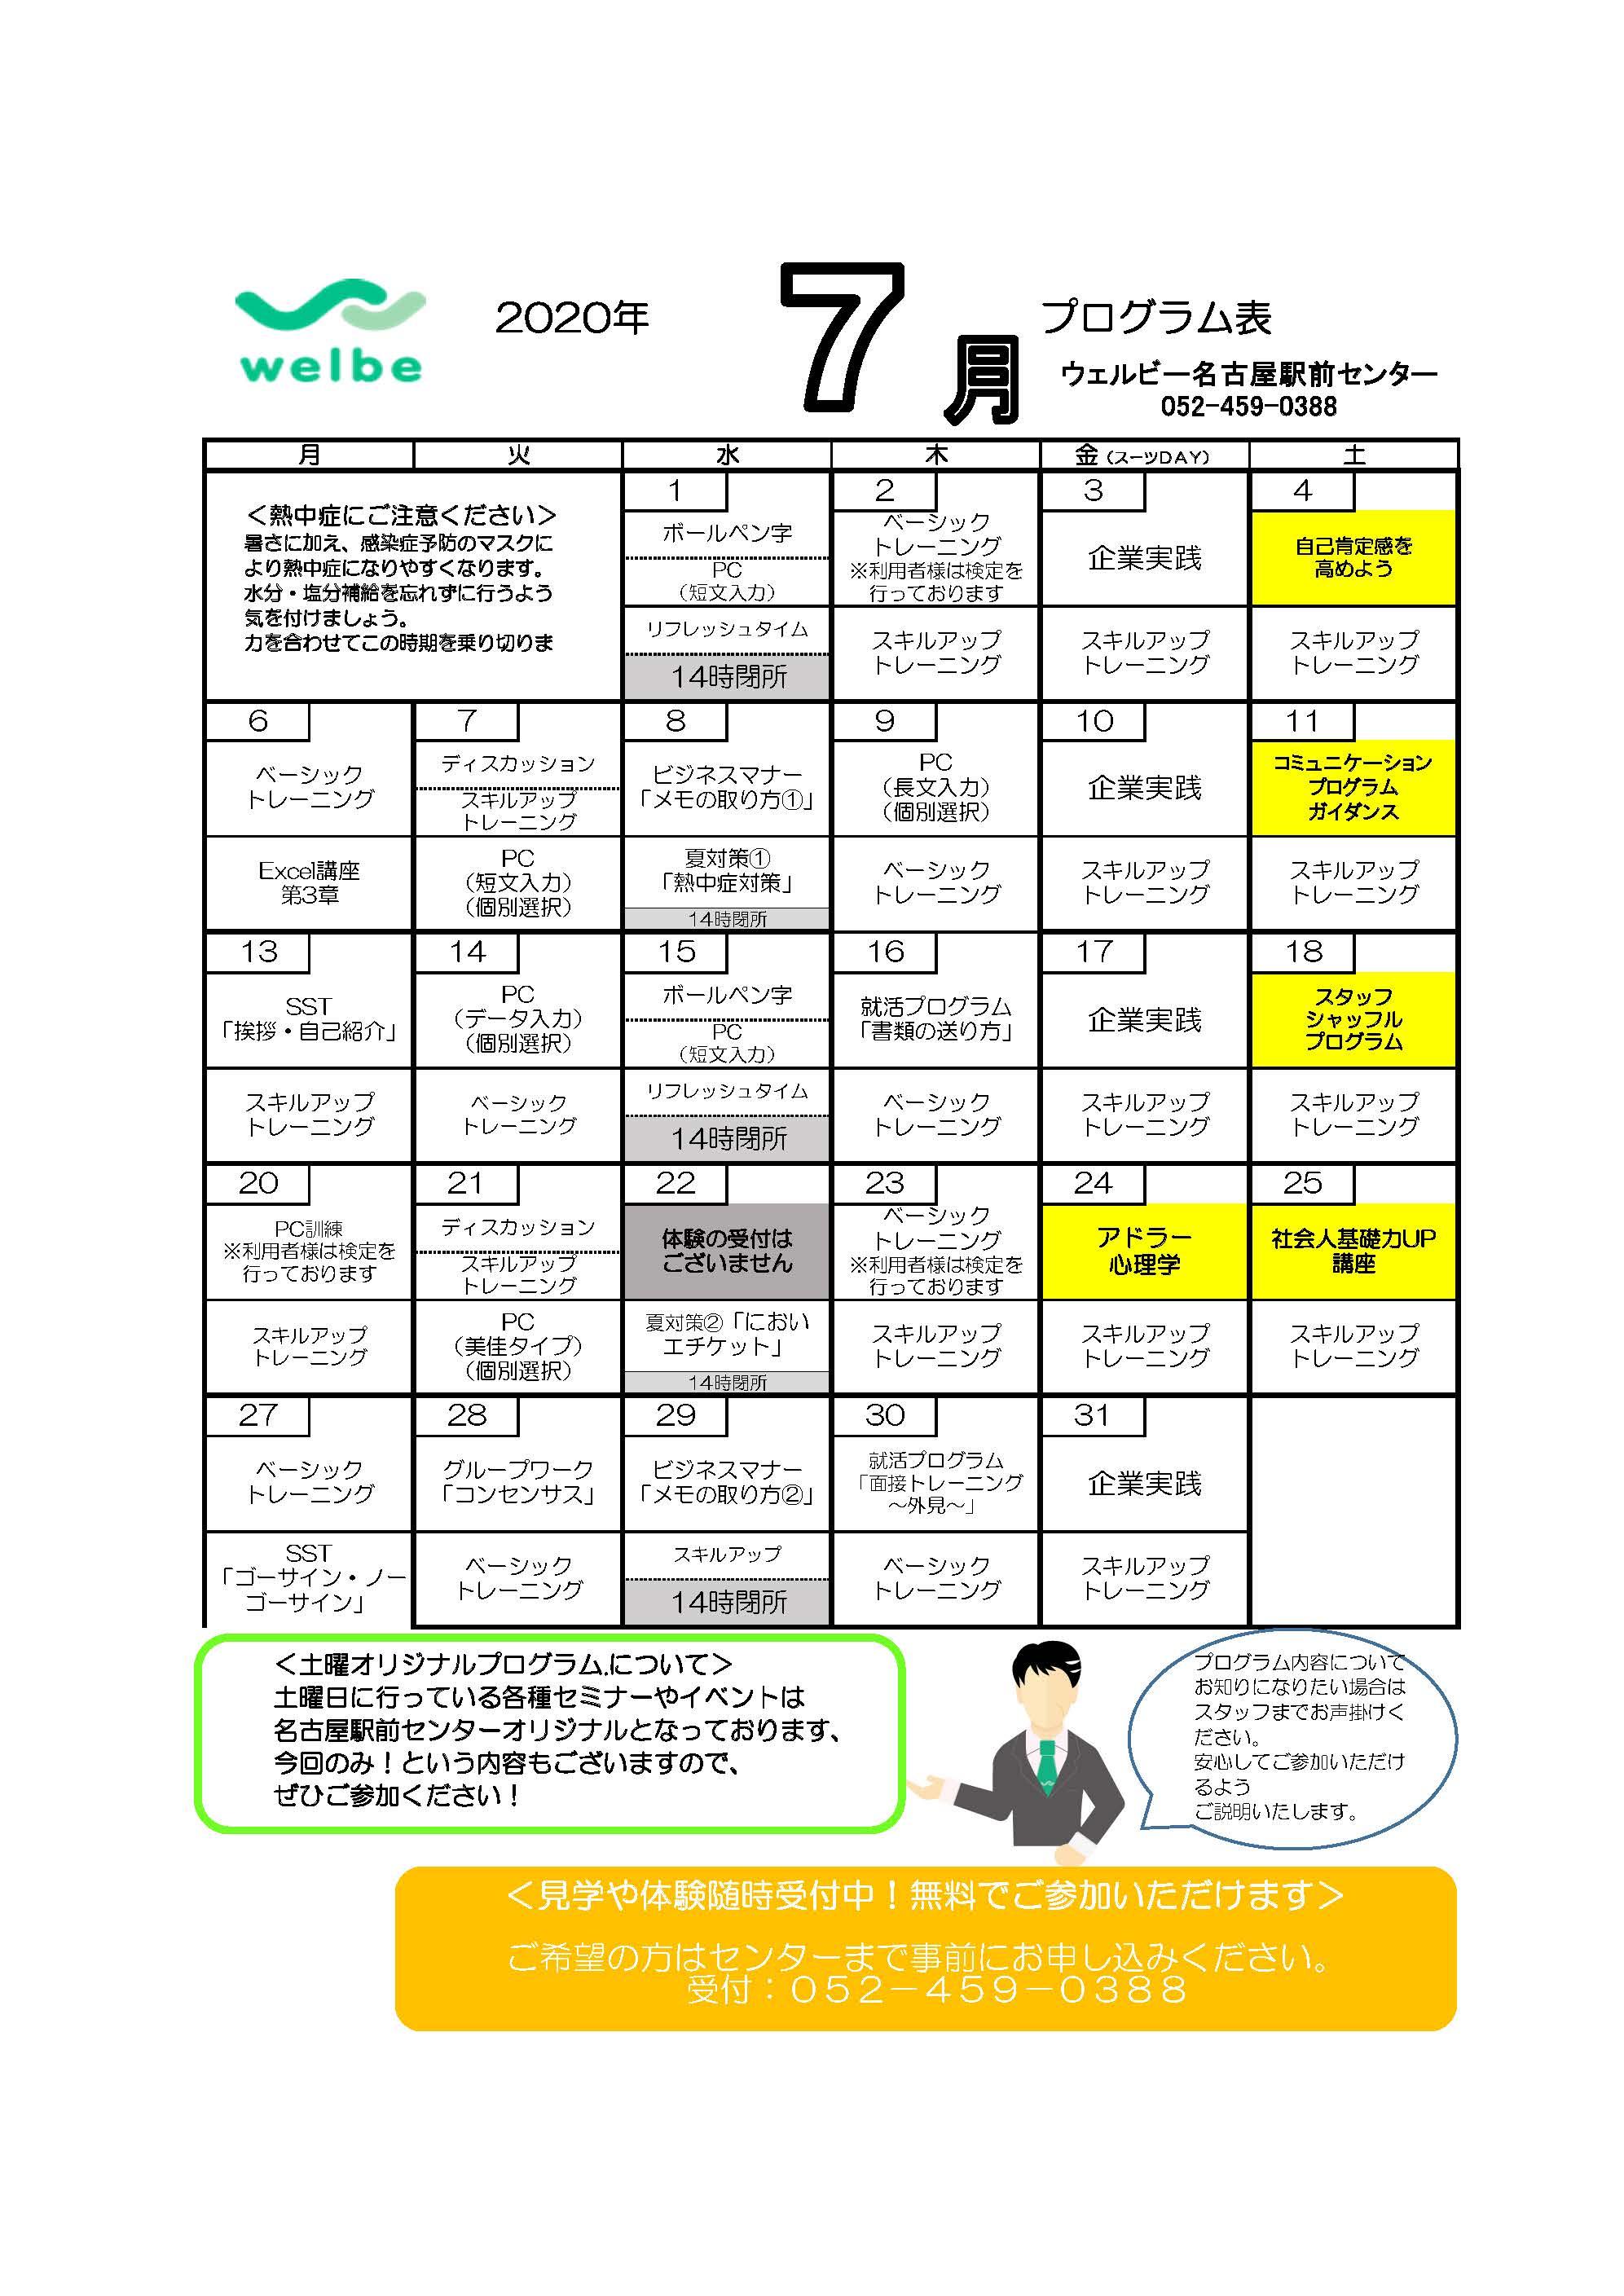 【名古屋】2020年7月プログラム表(削除・差し替え )